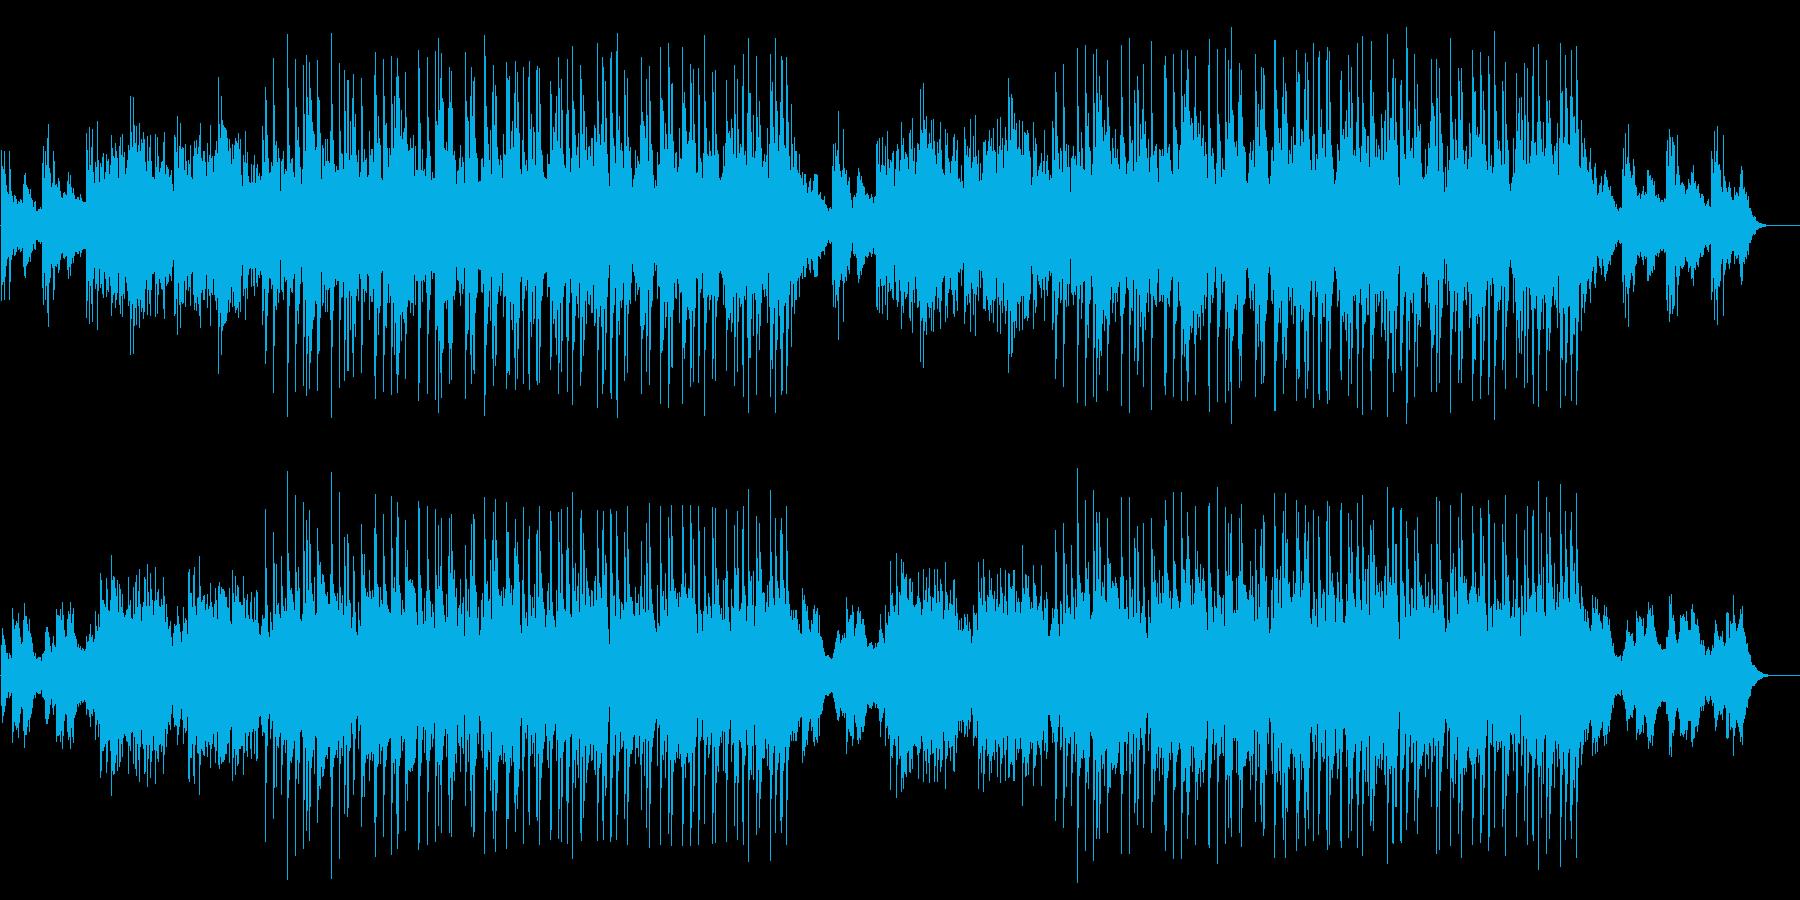 透明感のある流れるようなBGMの再生済みの波形